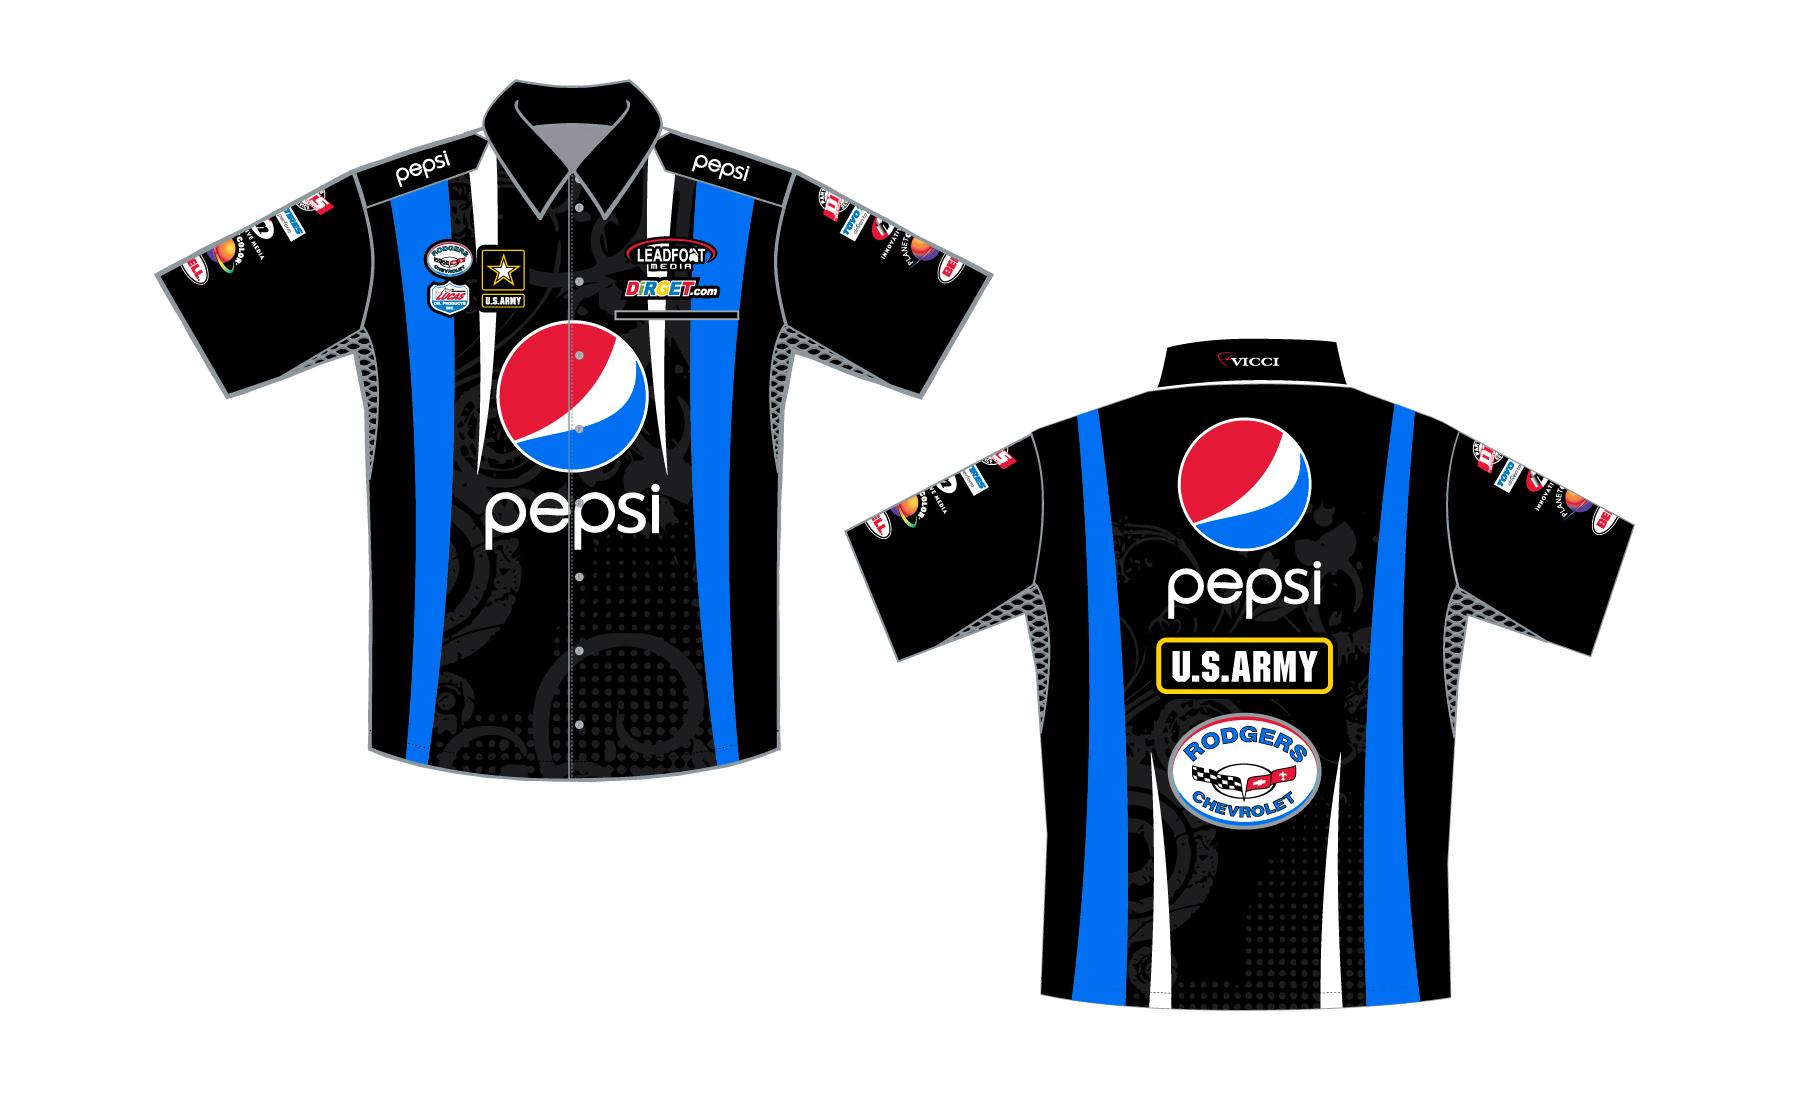 Pepsi Crew Shirt A